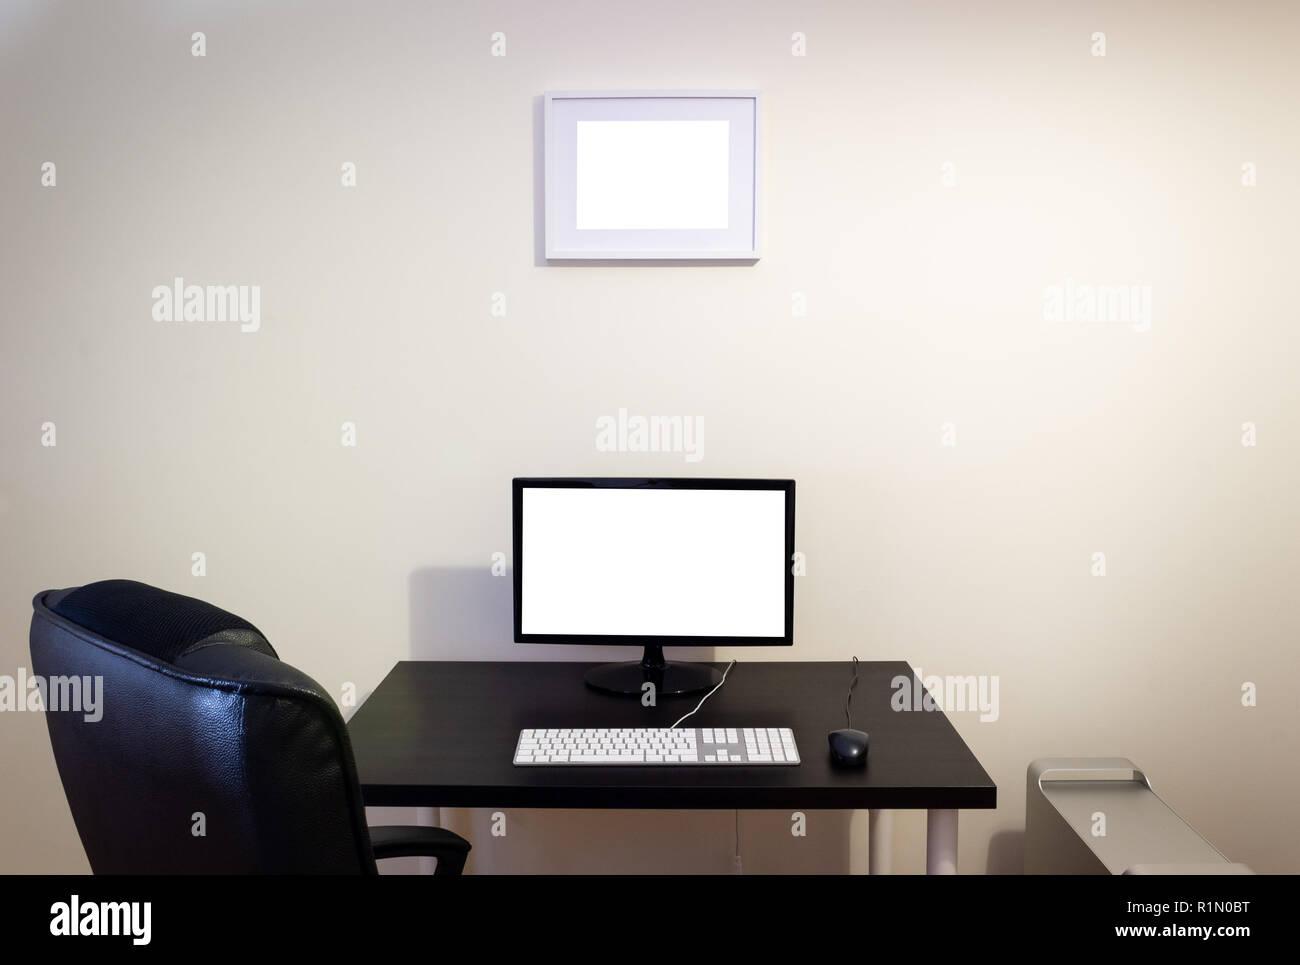 Computer Auf Holz Schwarz Schreibtisch Mockup Lcd Bildschirm